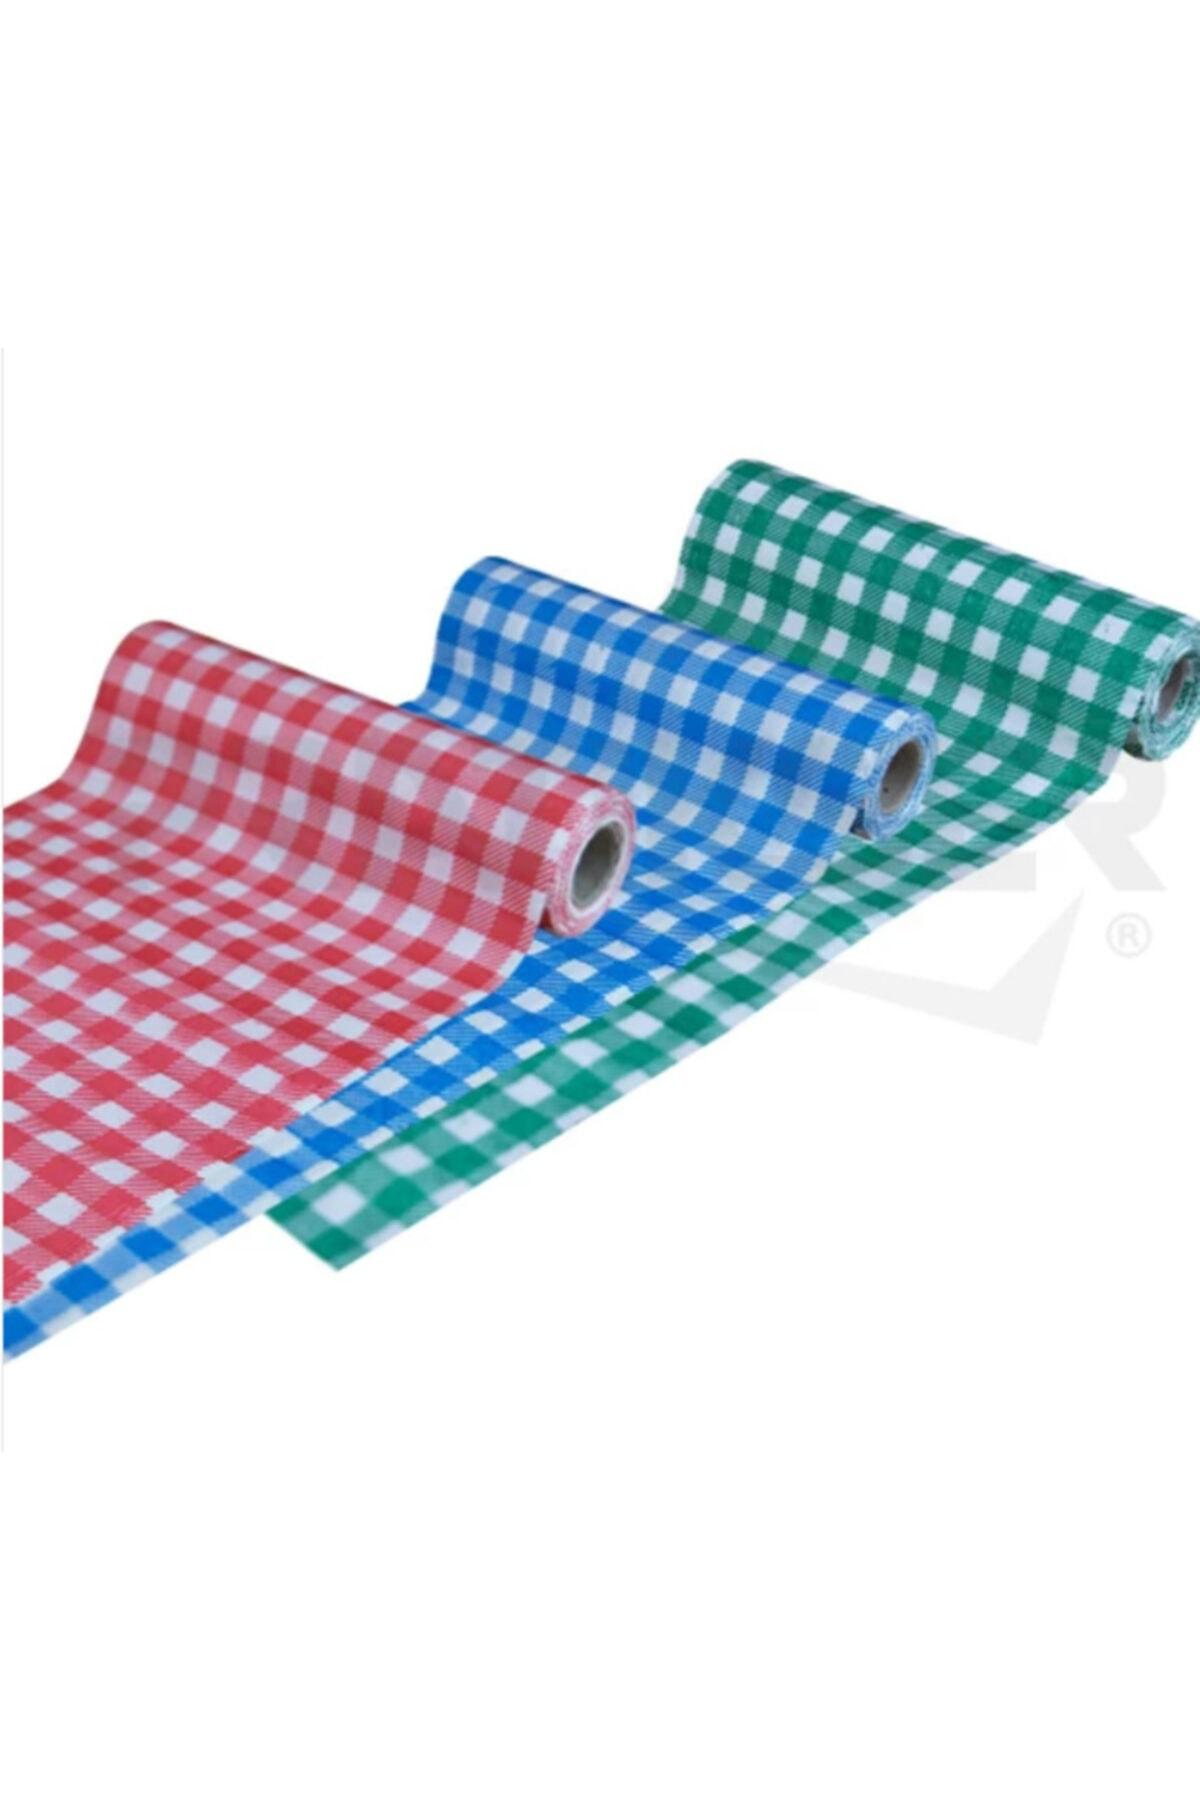 Tek Kullanımlık Masa Ve Aktivite Örtüsü -3 Rulo - 30 Adet--100x120 Cm -